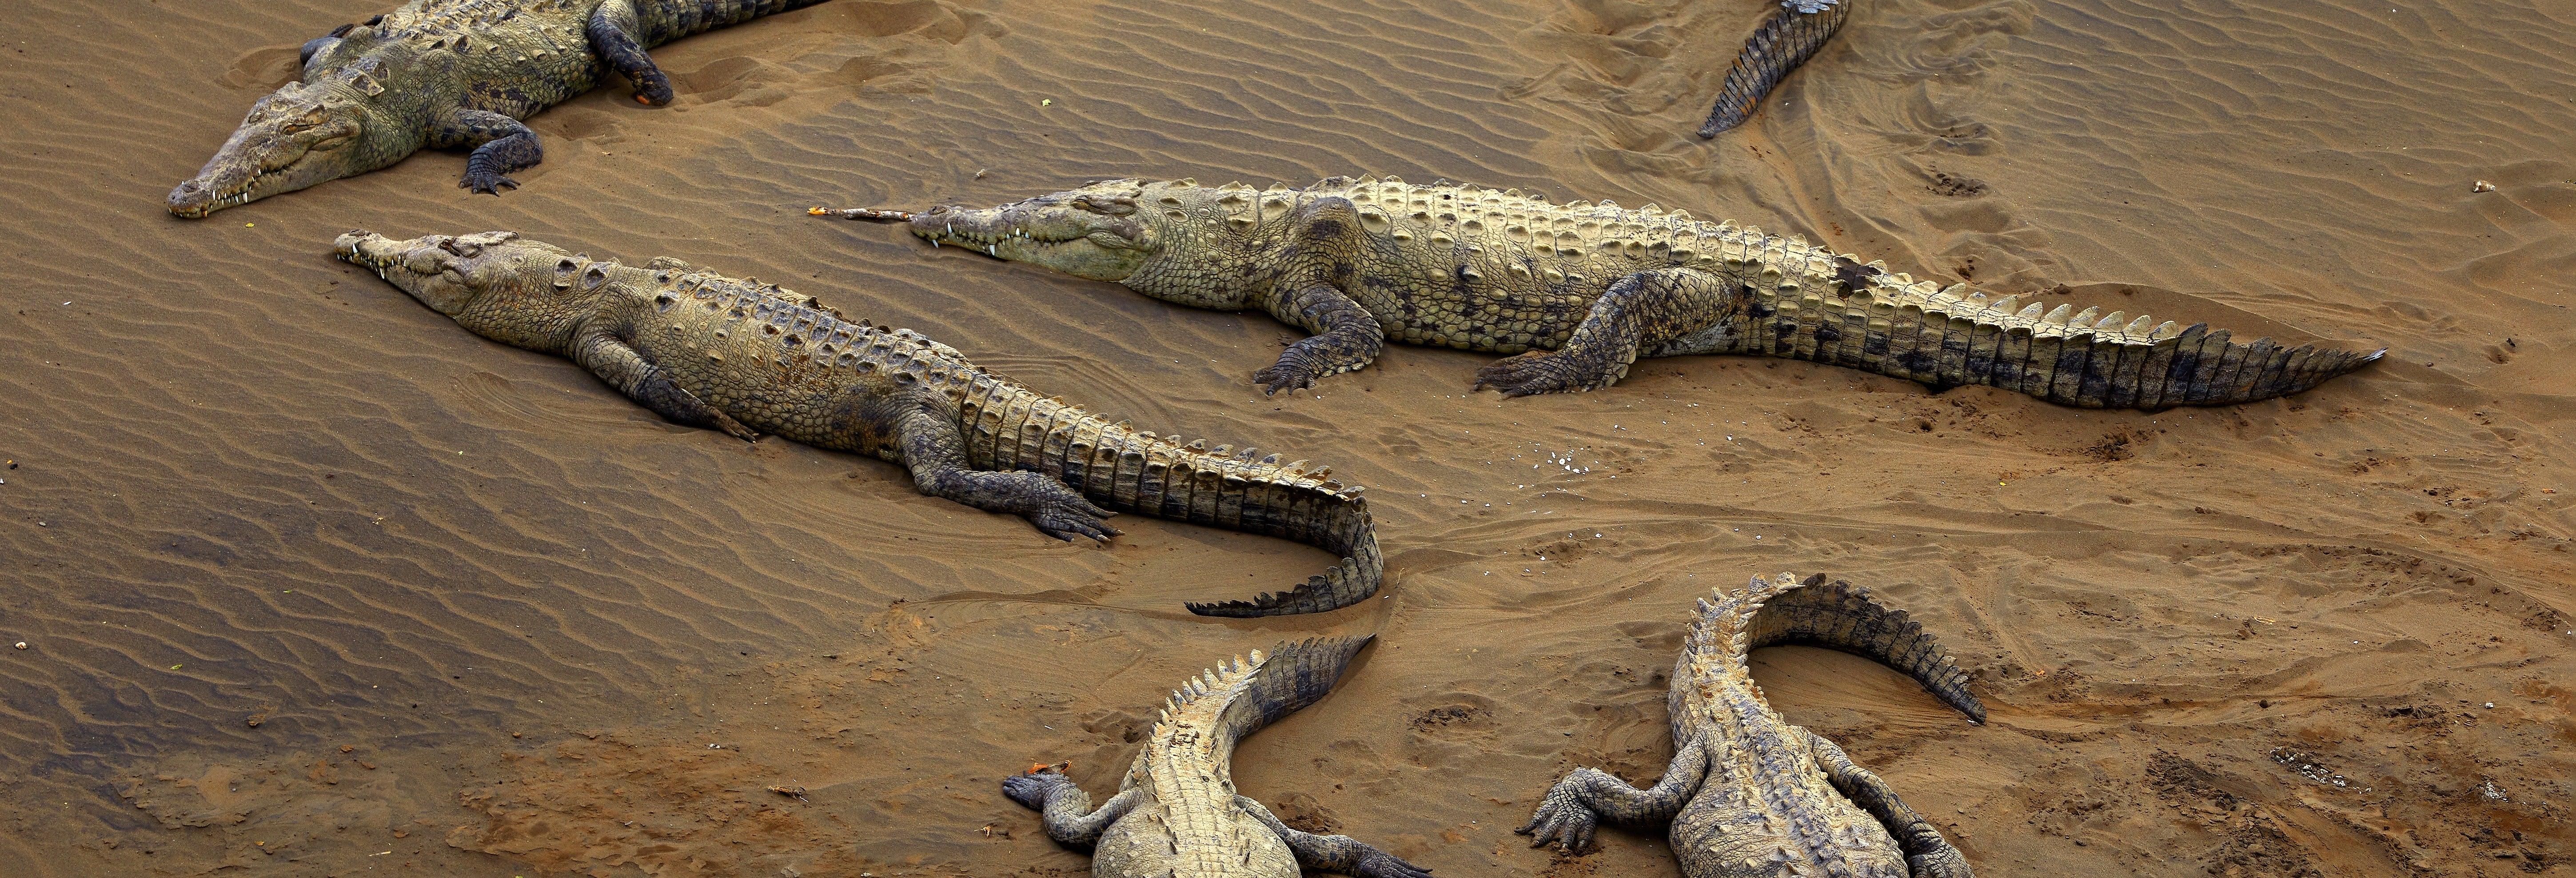 Avvistamento di coccodrilli sul fiume Tárcoles